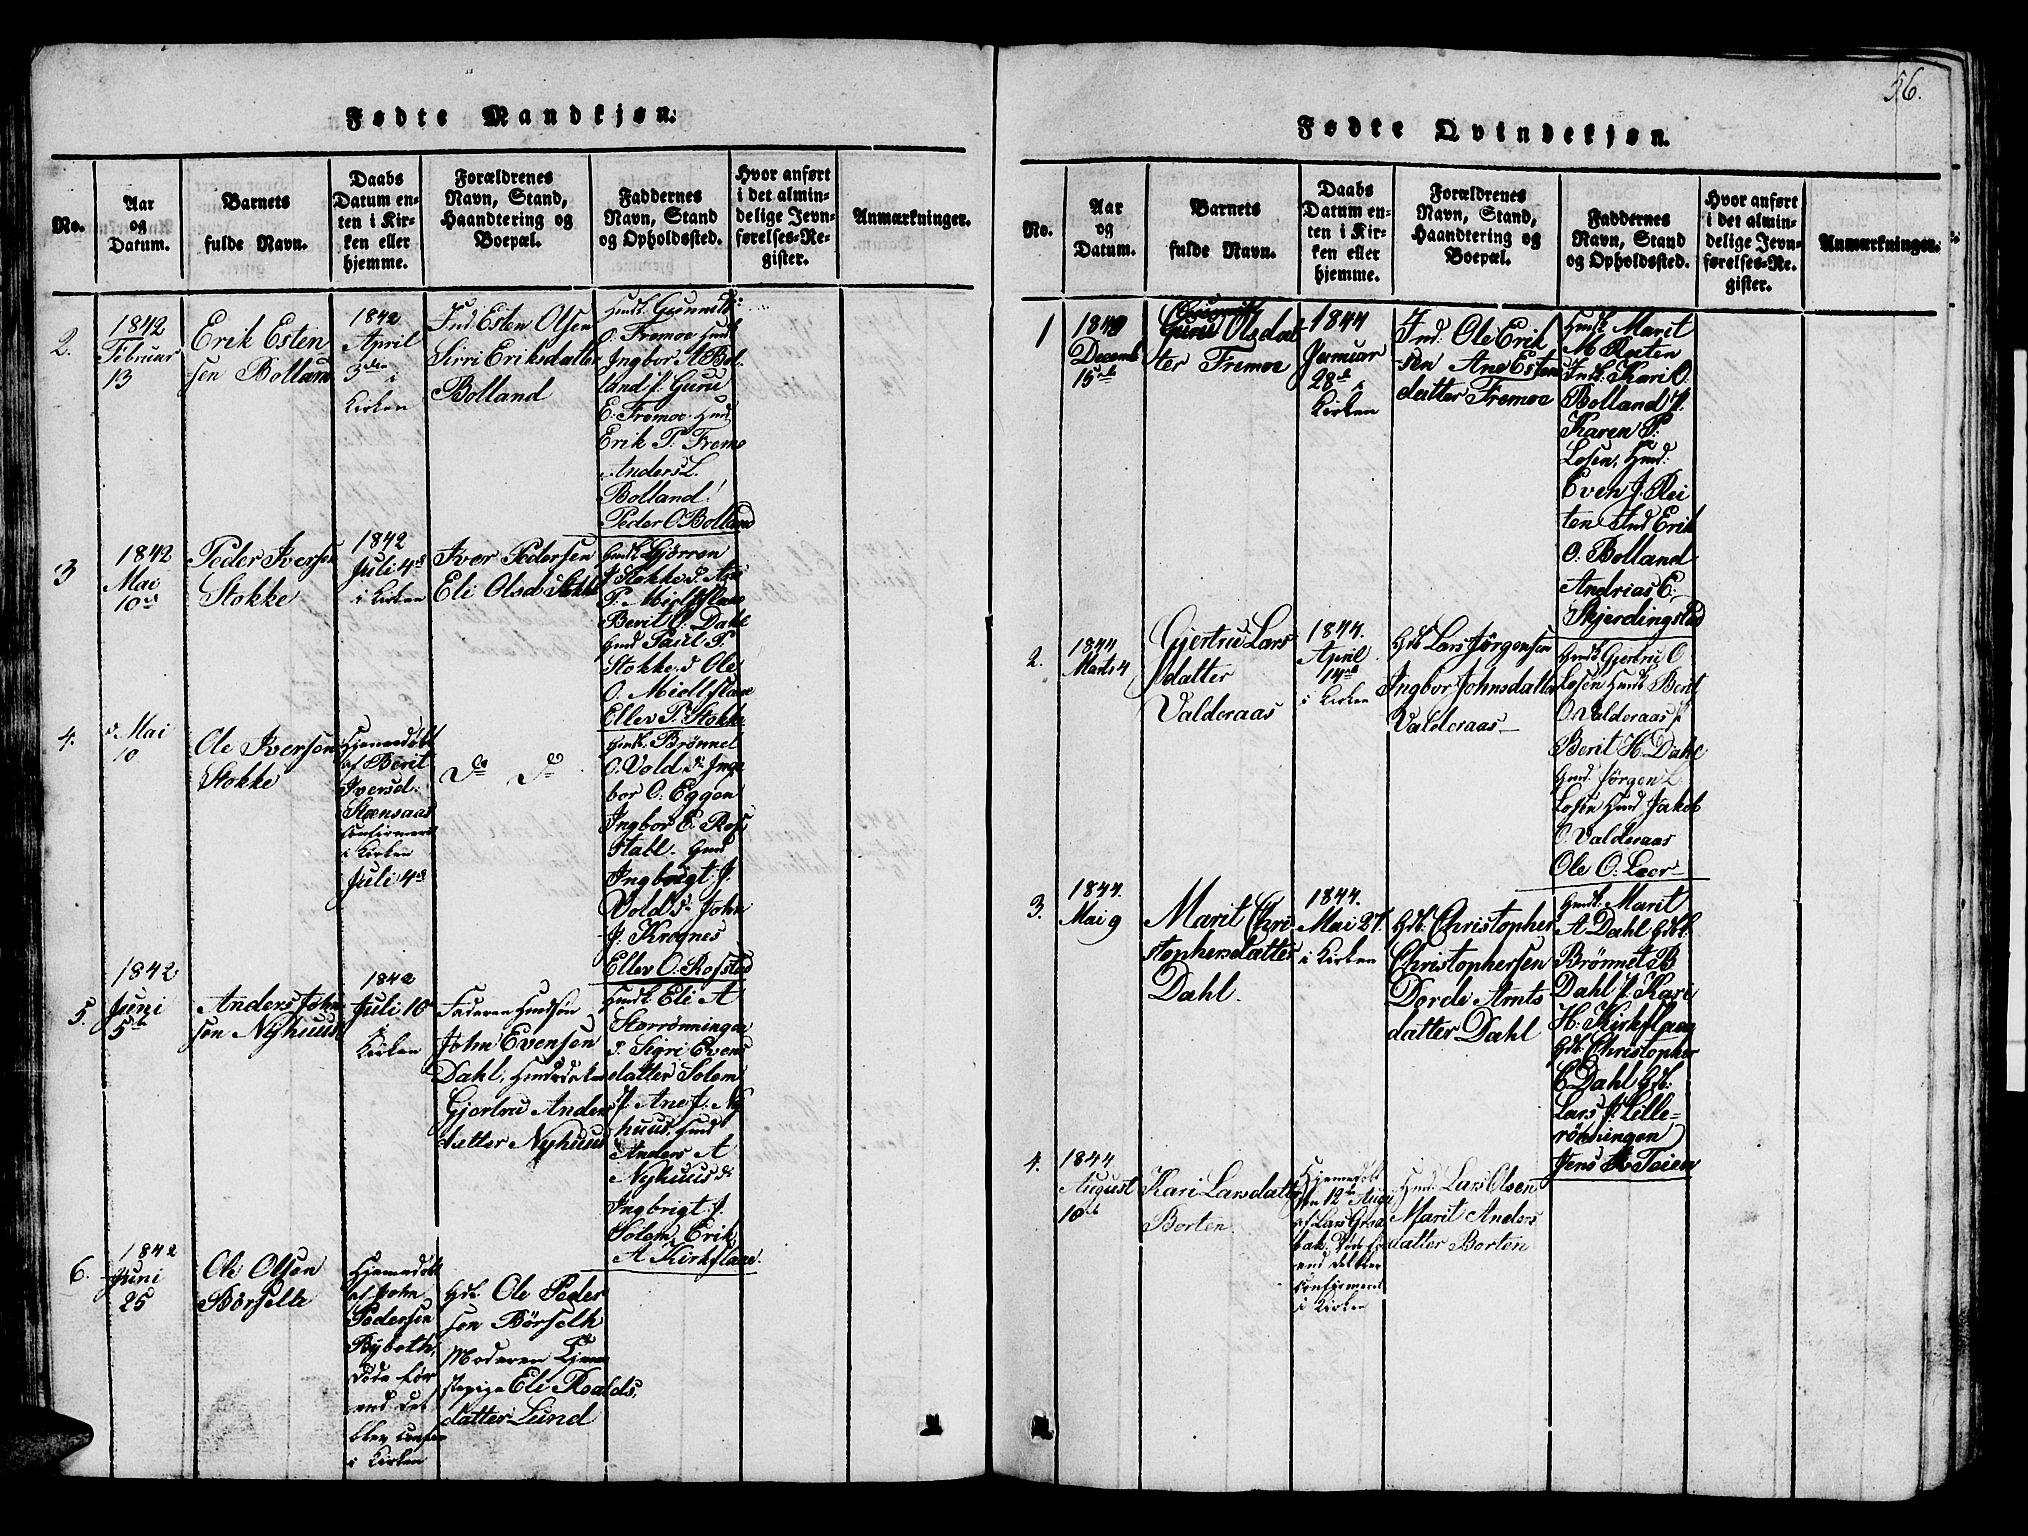 SAT, Ministerialprotokoller, klokkerbøker og fødselsregistre - Sør-Trøndelag, 693/L1121: Klokkerbok nr. 693C02, 1816-1869, s. 56